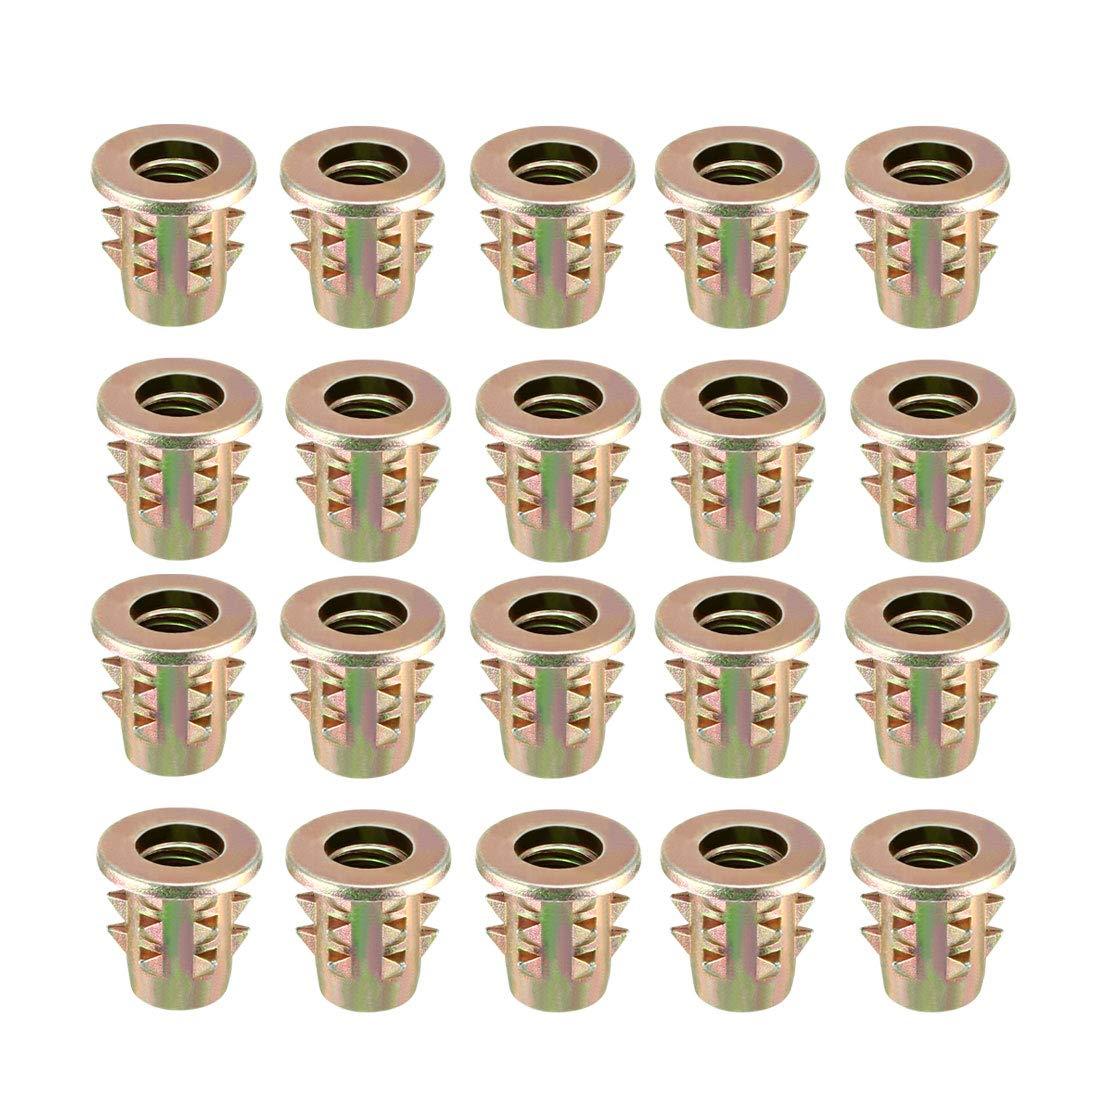 7//16-14 x 3-1//2 Hard-to-Find Fastener 014973440671 Smooth Socket Cap Screws Piece-5